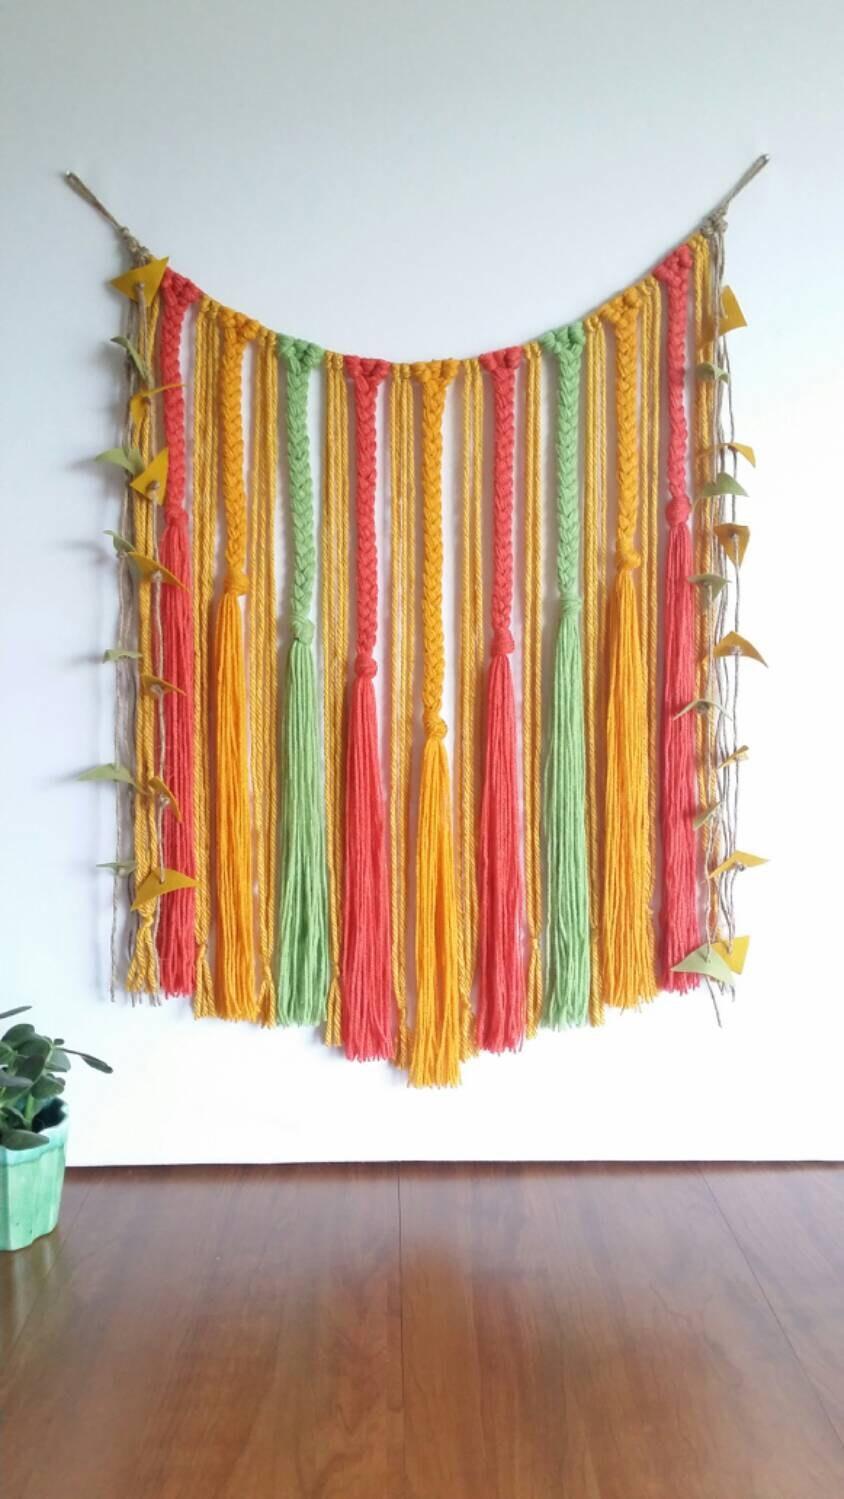 Yarn wall hanging braided colorful wool felt bohemian for Yarn wall art